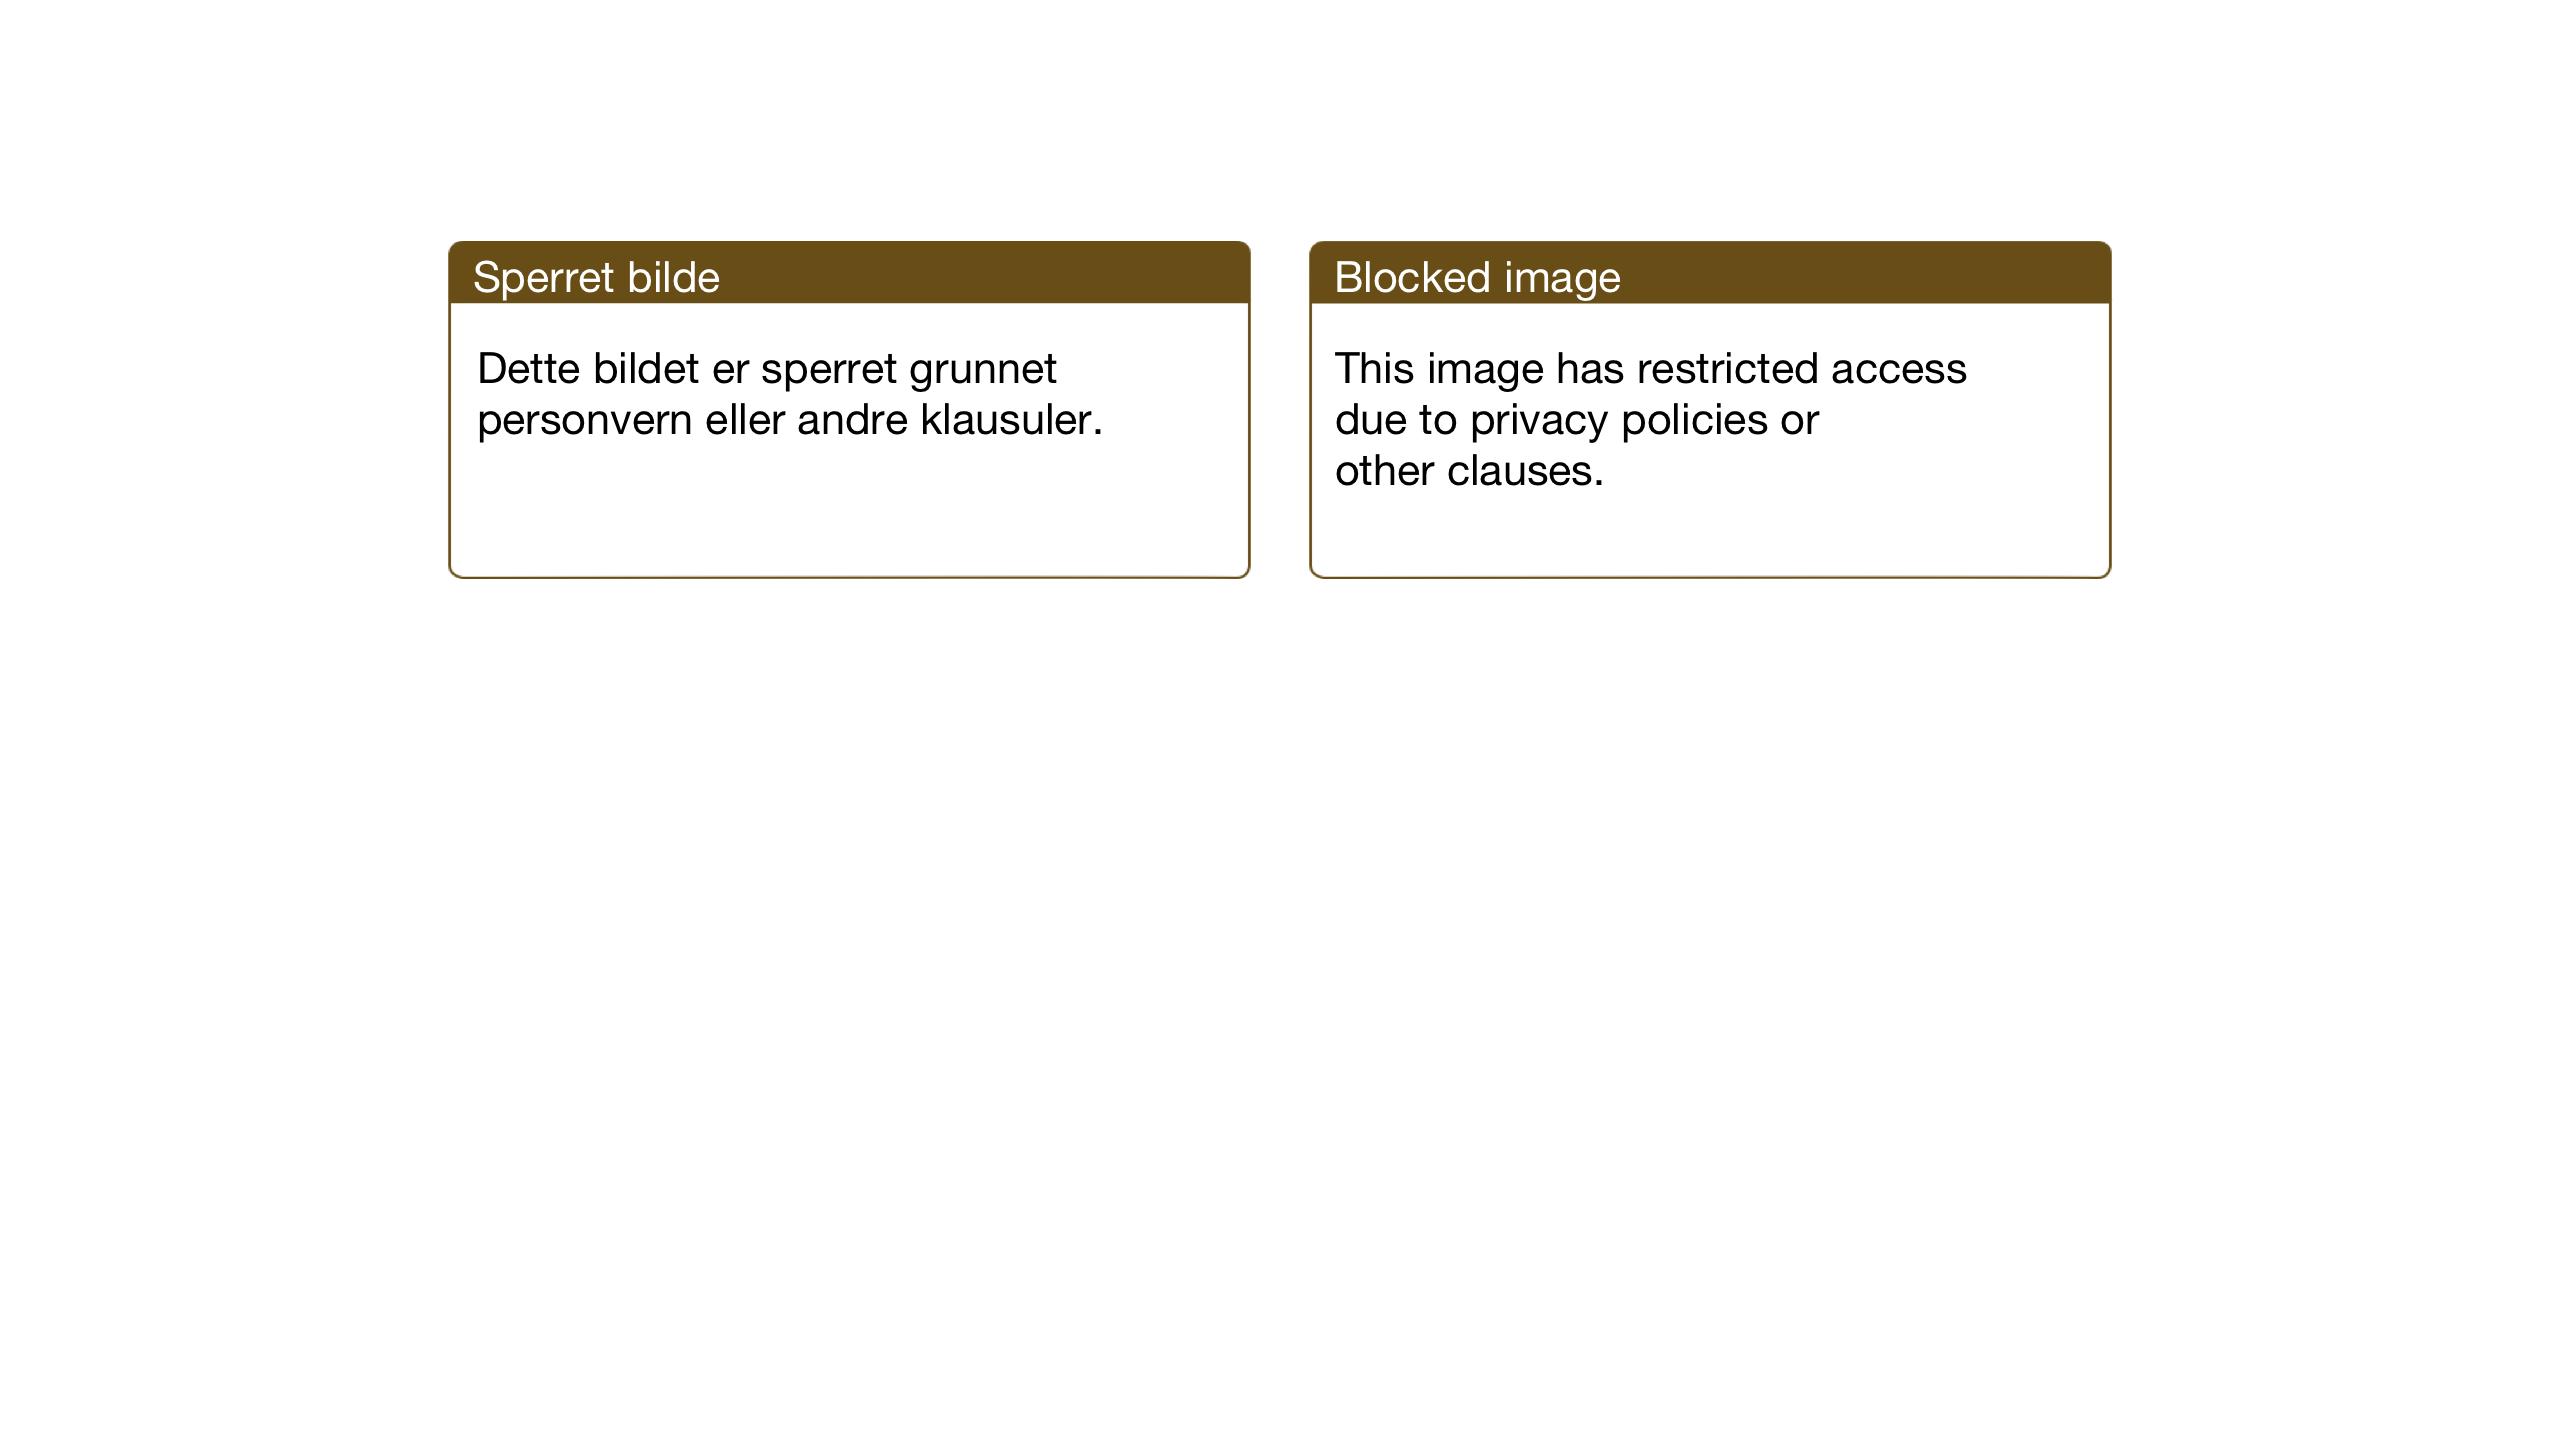 SAT, Ministerialprotokoller, klokkerbøker og fødselsregistre - Nord-Trøndelag, 709/L0089: Klokkerbok nr. 709C03, 1935-1948, s. 149